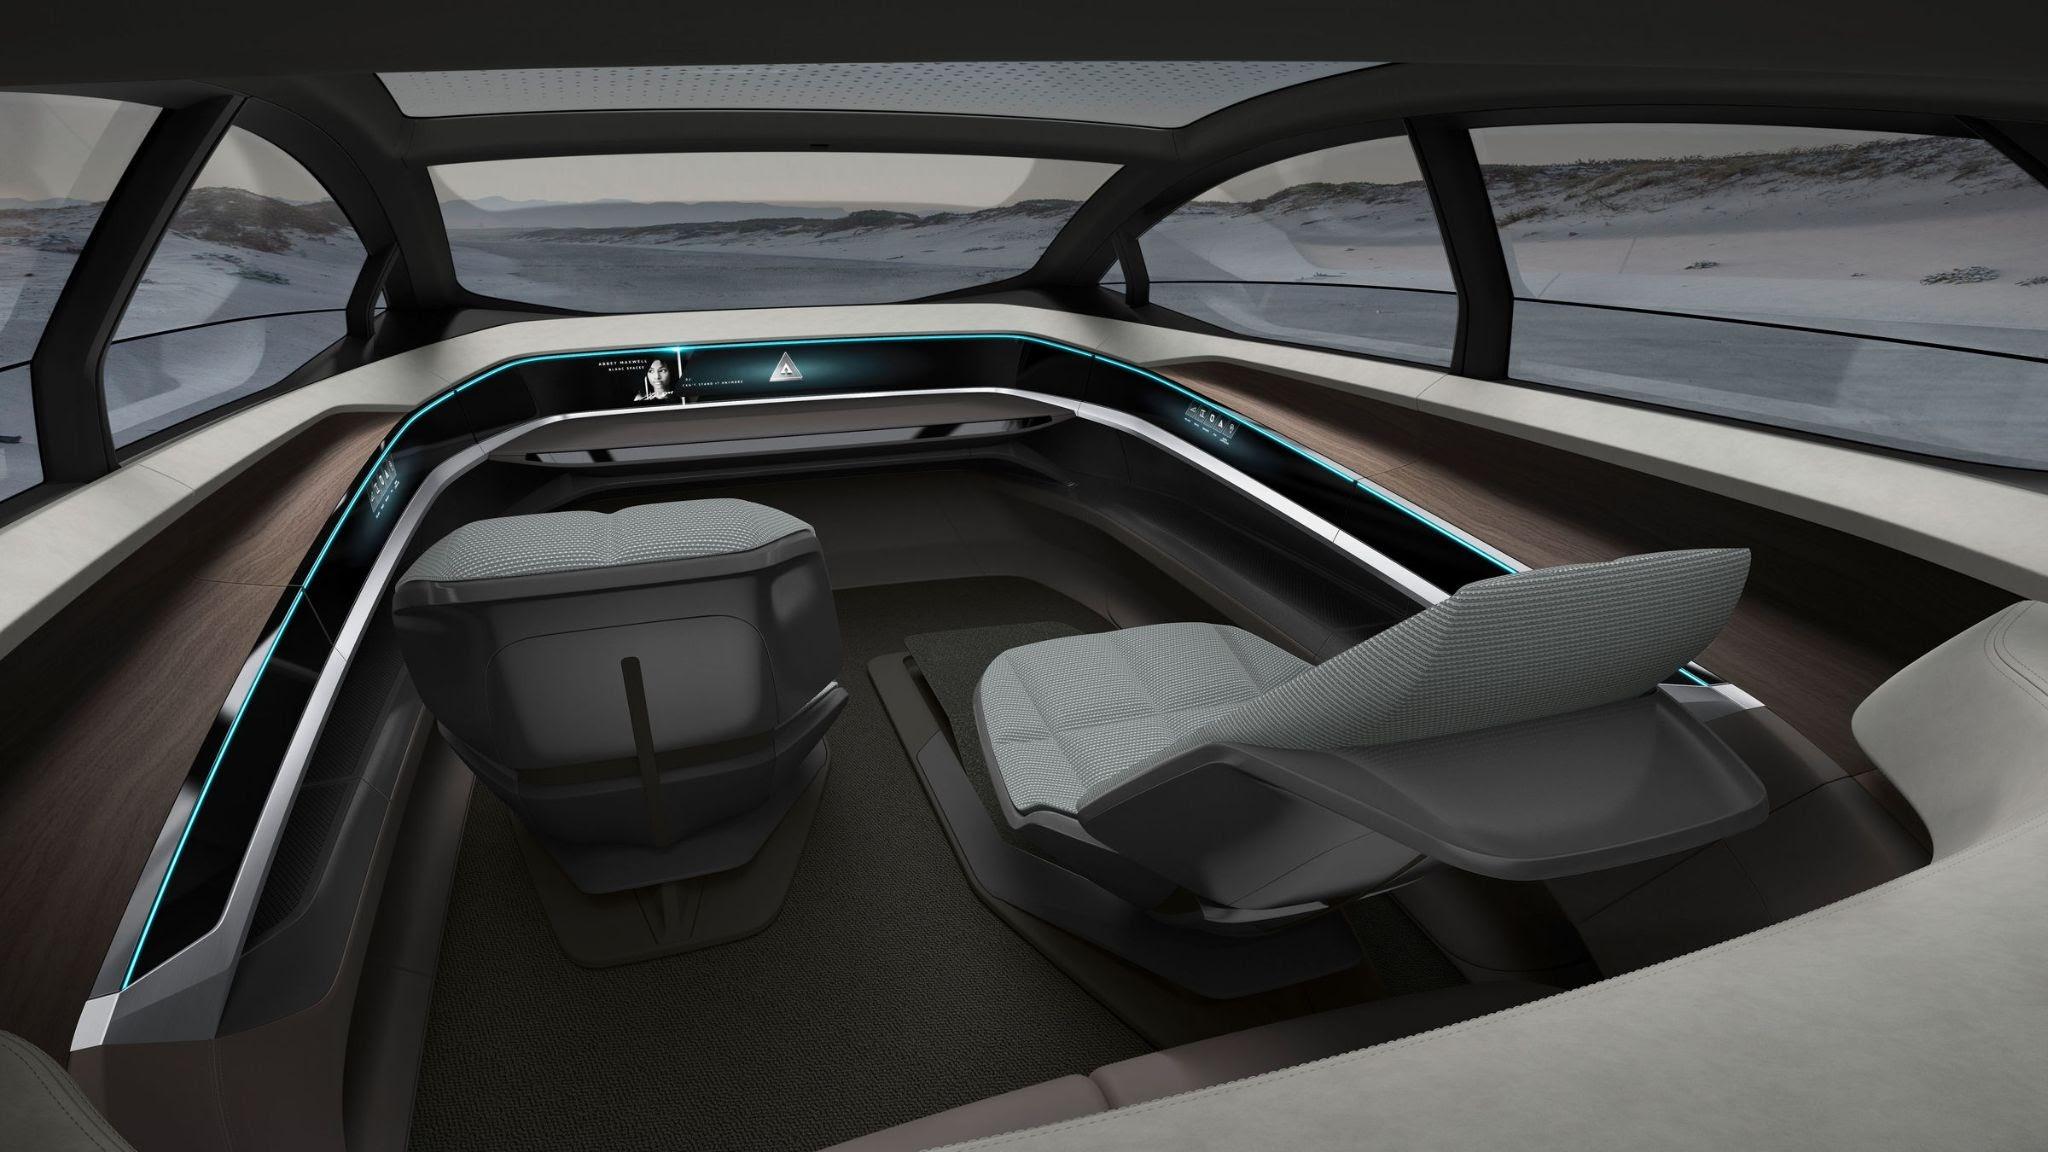 Салон Audi Aicon. Кресла можно расправить и лечь, а еще они поворачиваются на 360 градусов